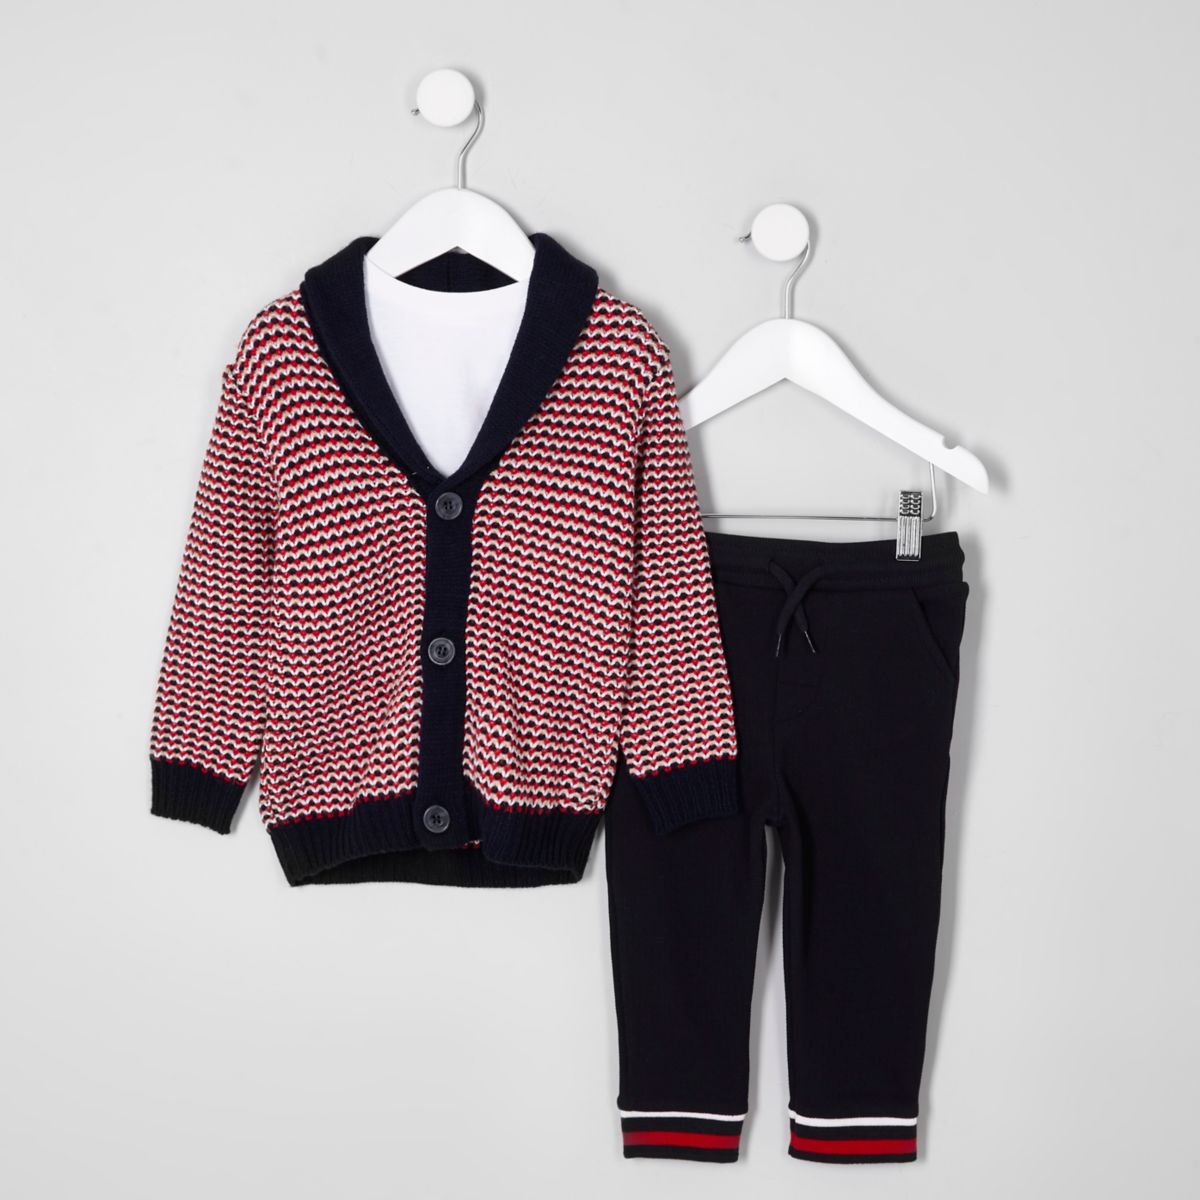 Mini - Outfit met jacquard vest voor jongens